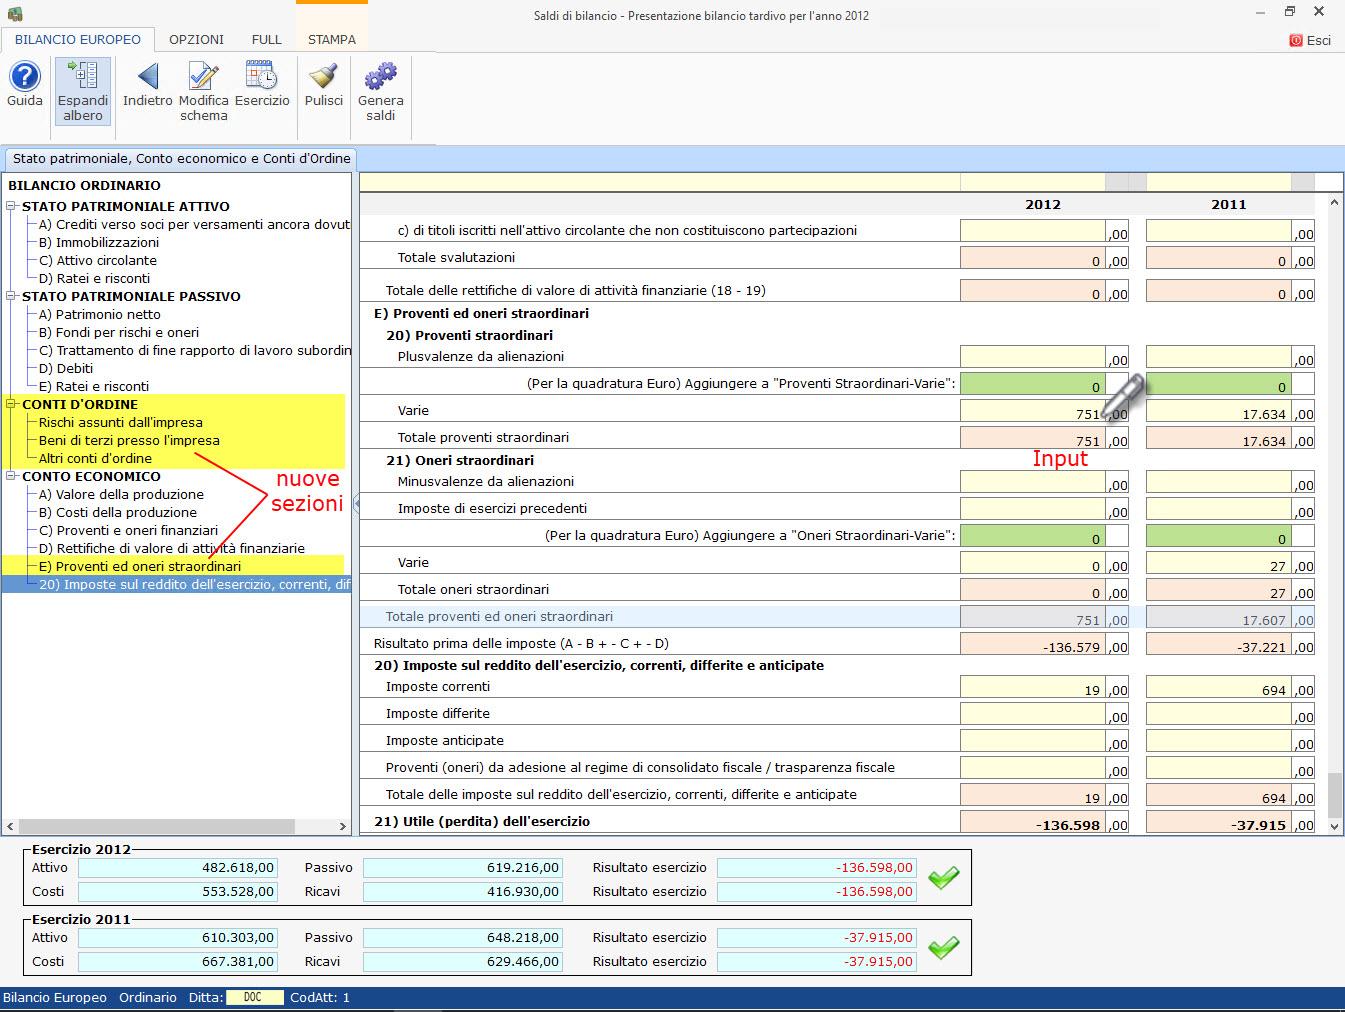 Bilanci Tardivi 2009-2014: disponibile applicazione - 7